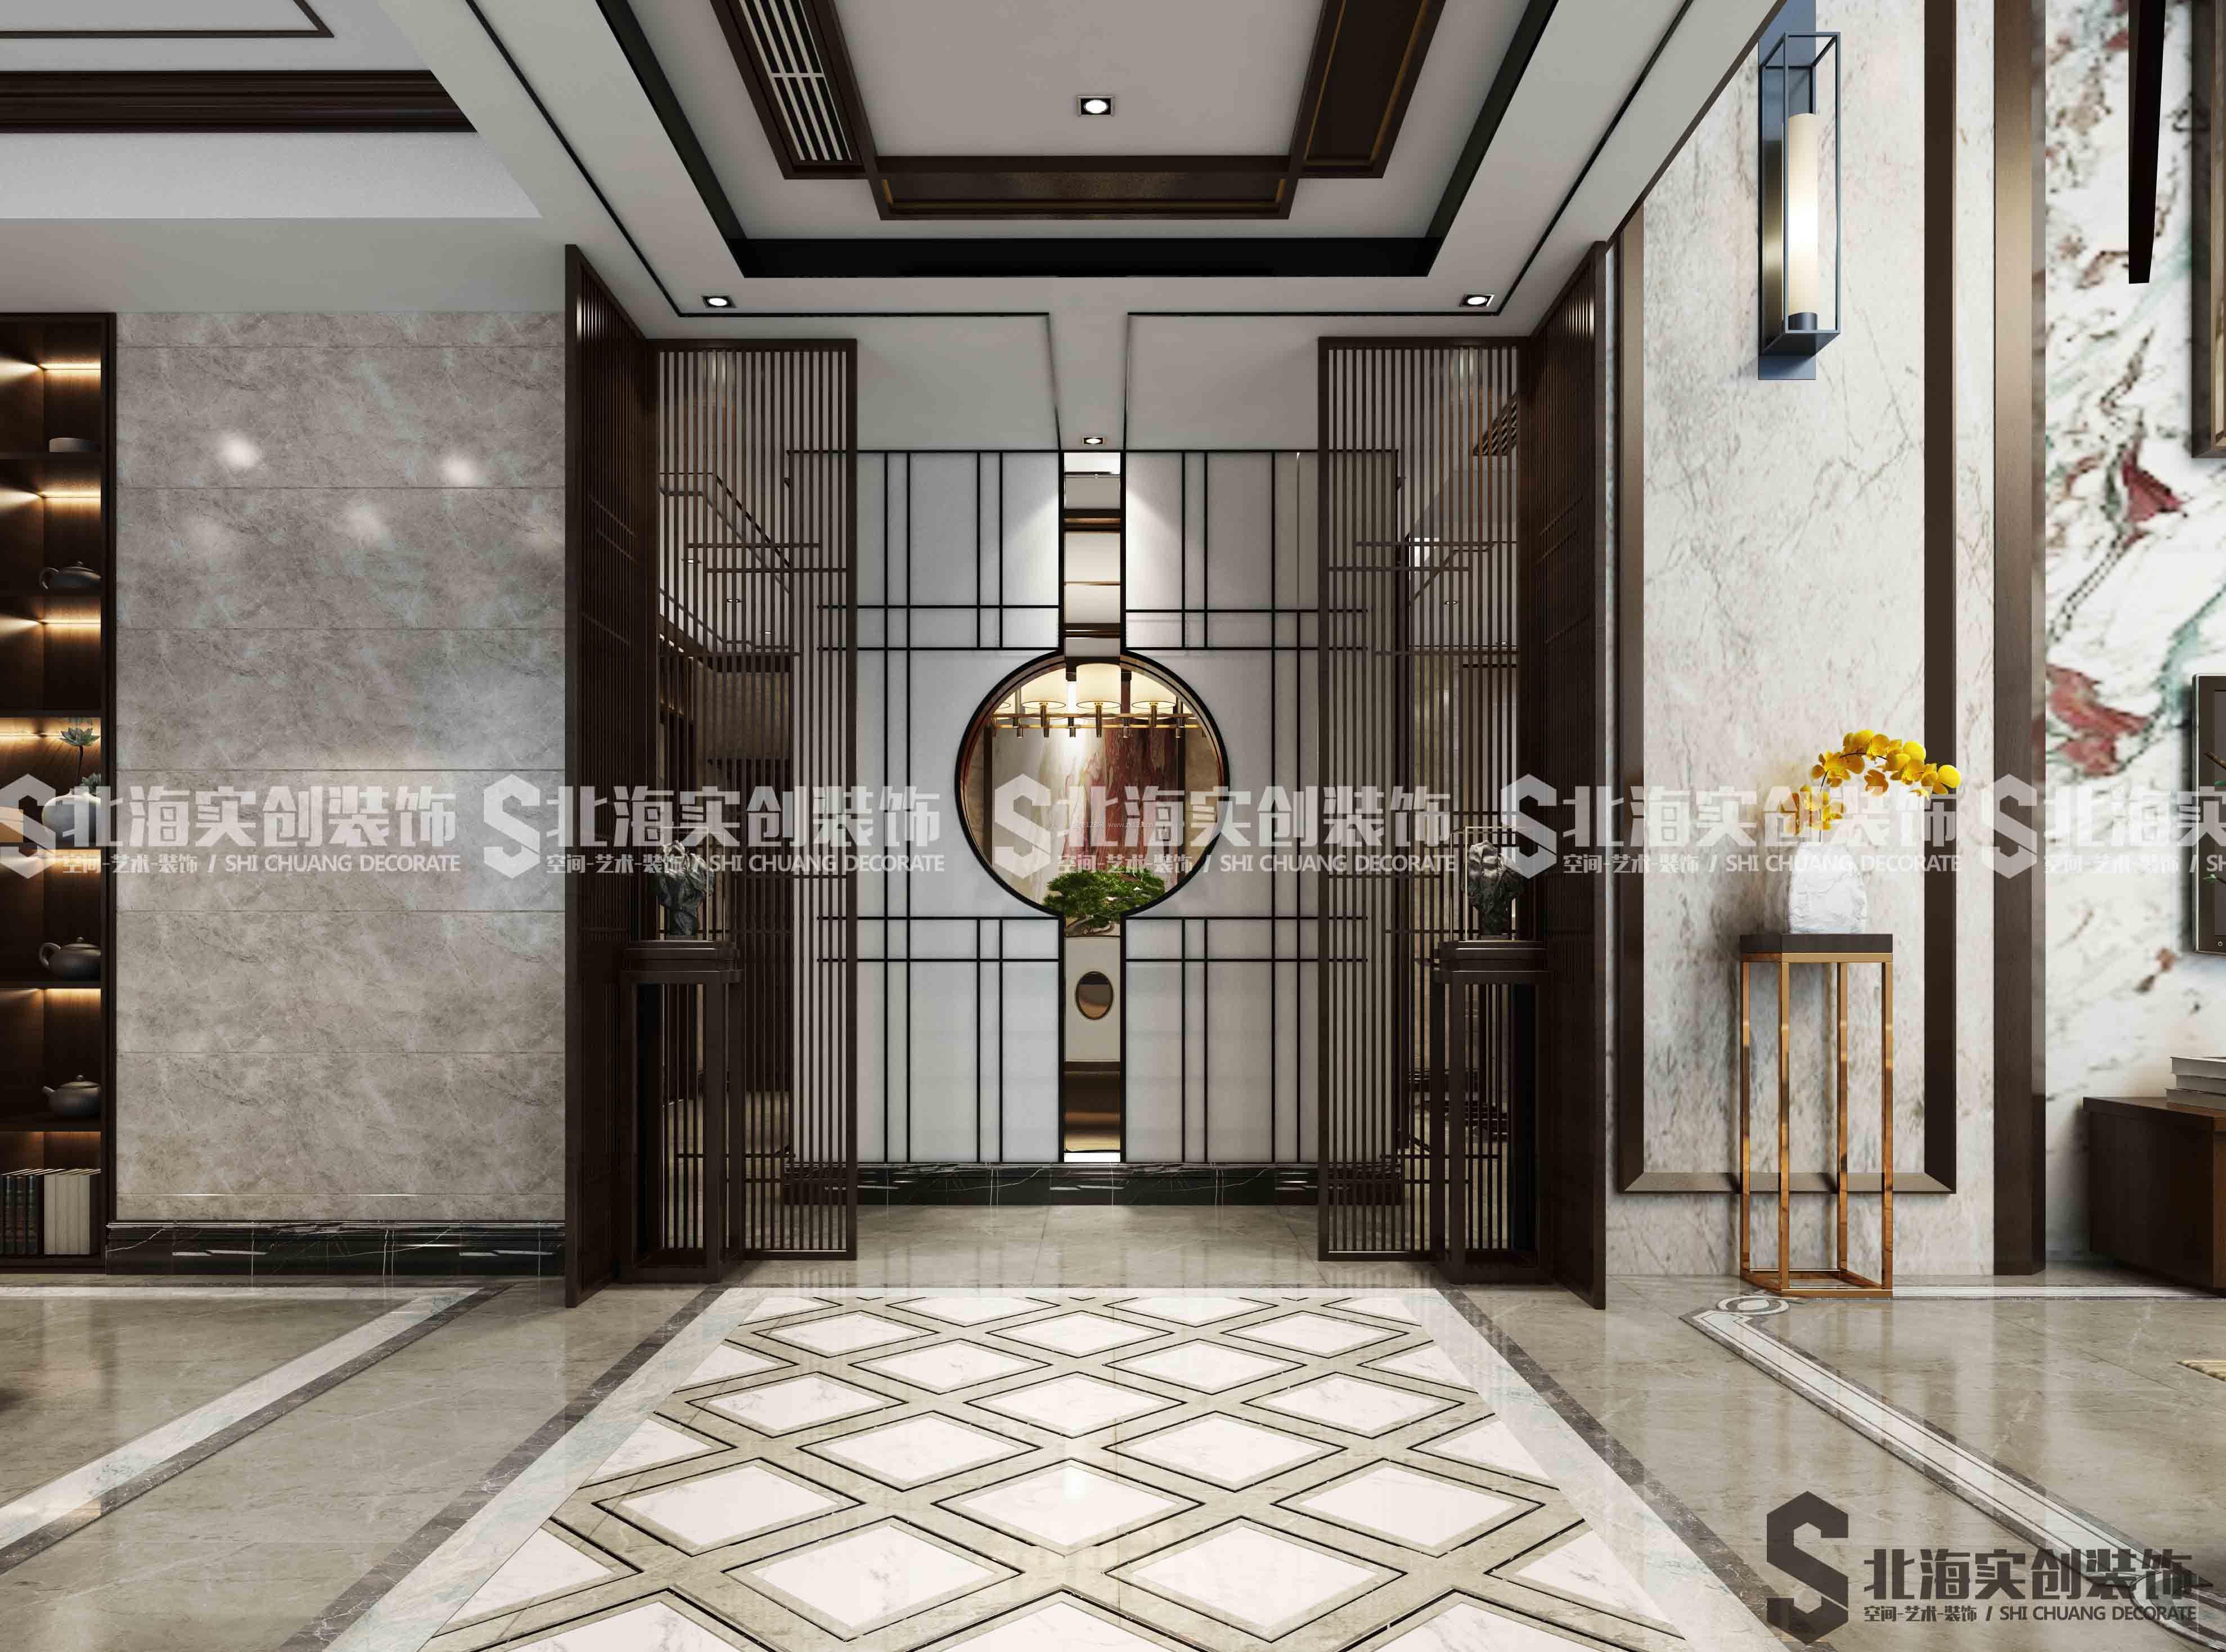 2018新中式别墅过道走廊地板砖装修效果图